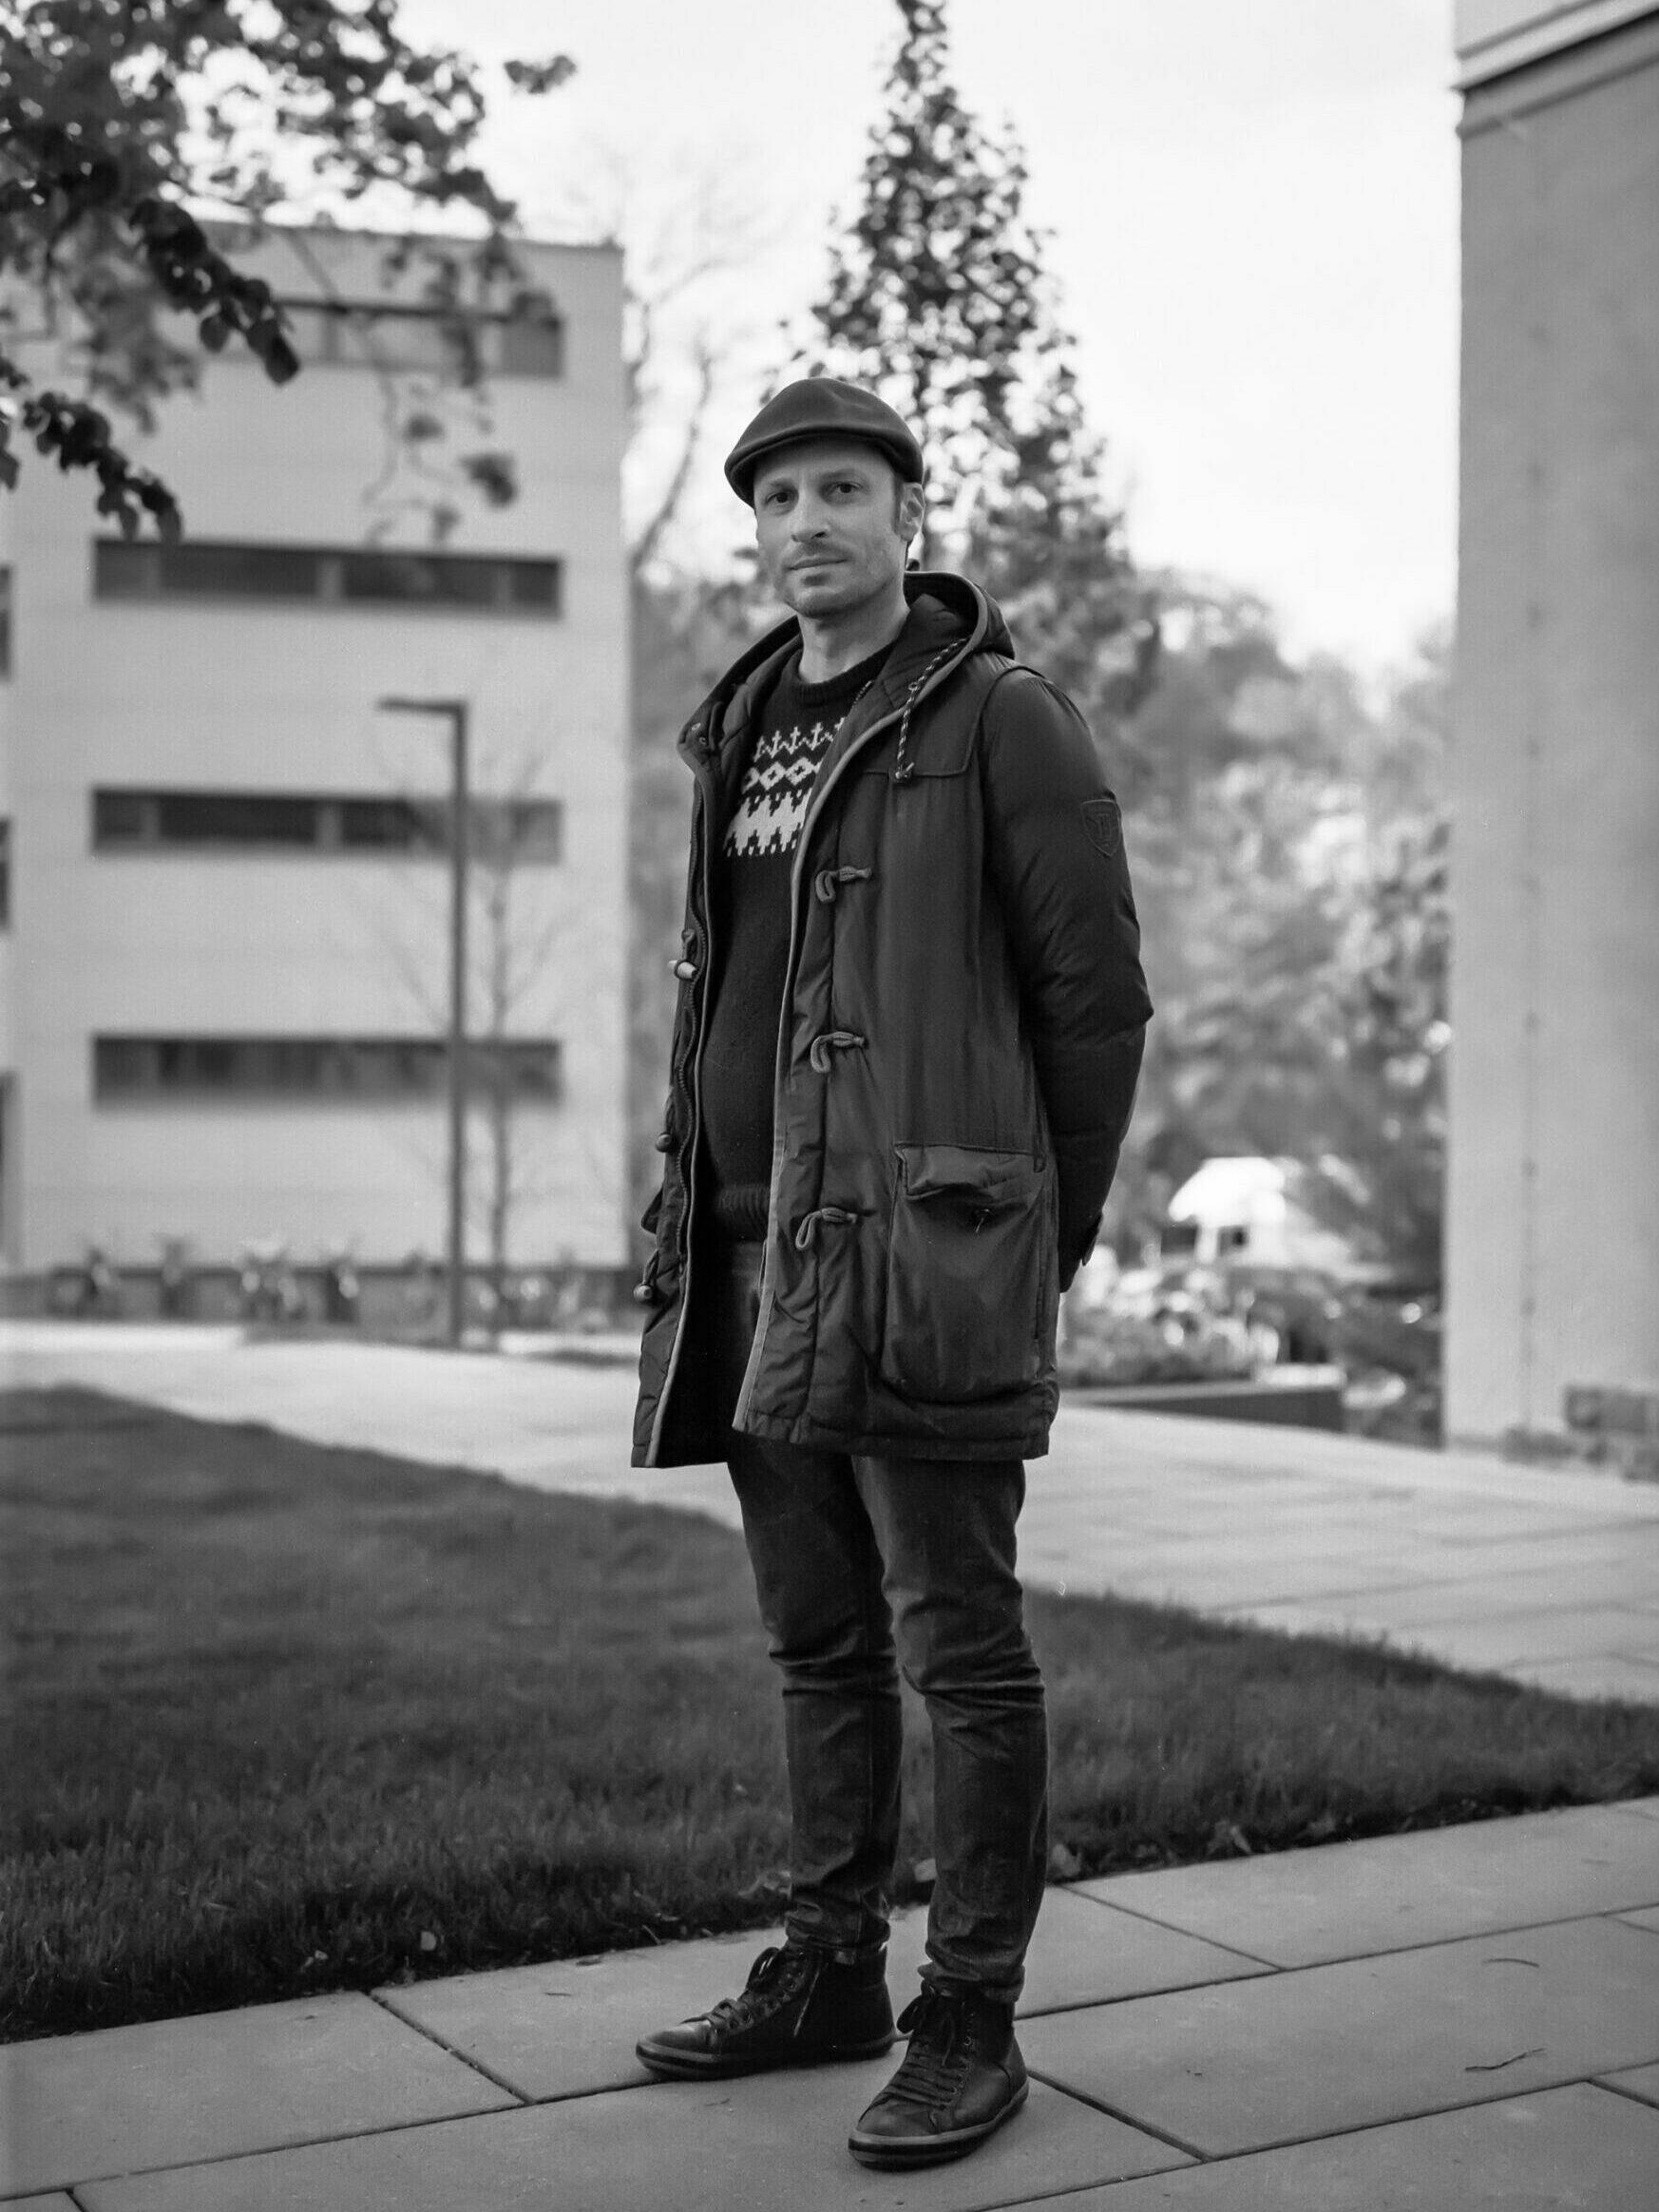 Vincenz Warnke gratuliert dem Stadtbad zum Jubiläum. Foto: Thomas Lewandovski.